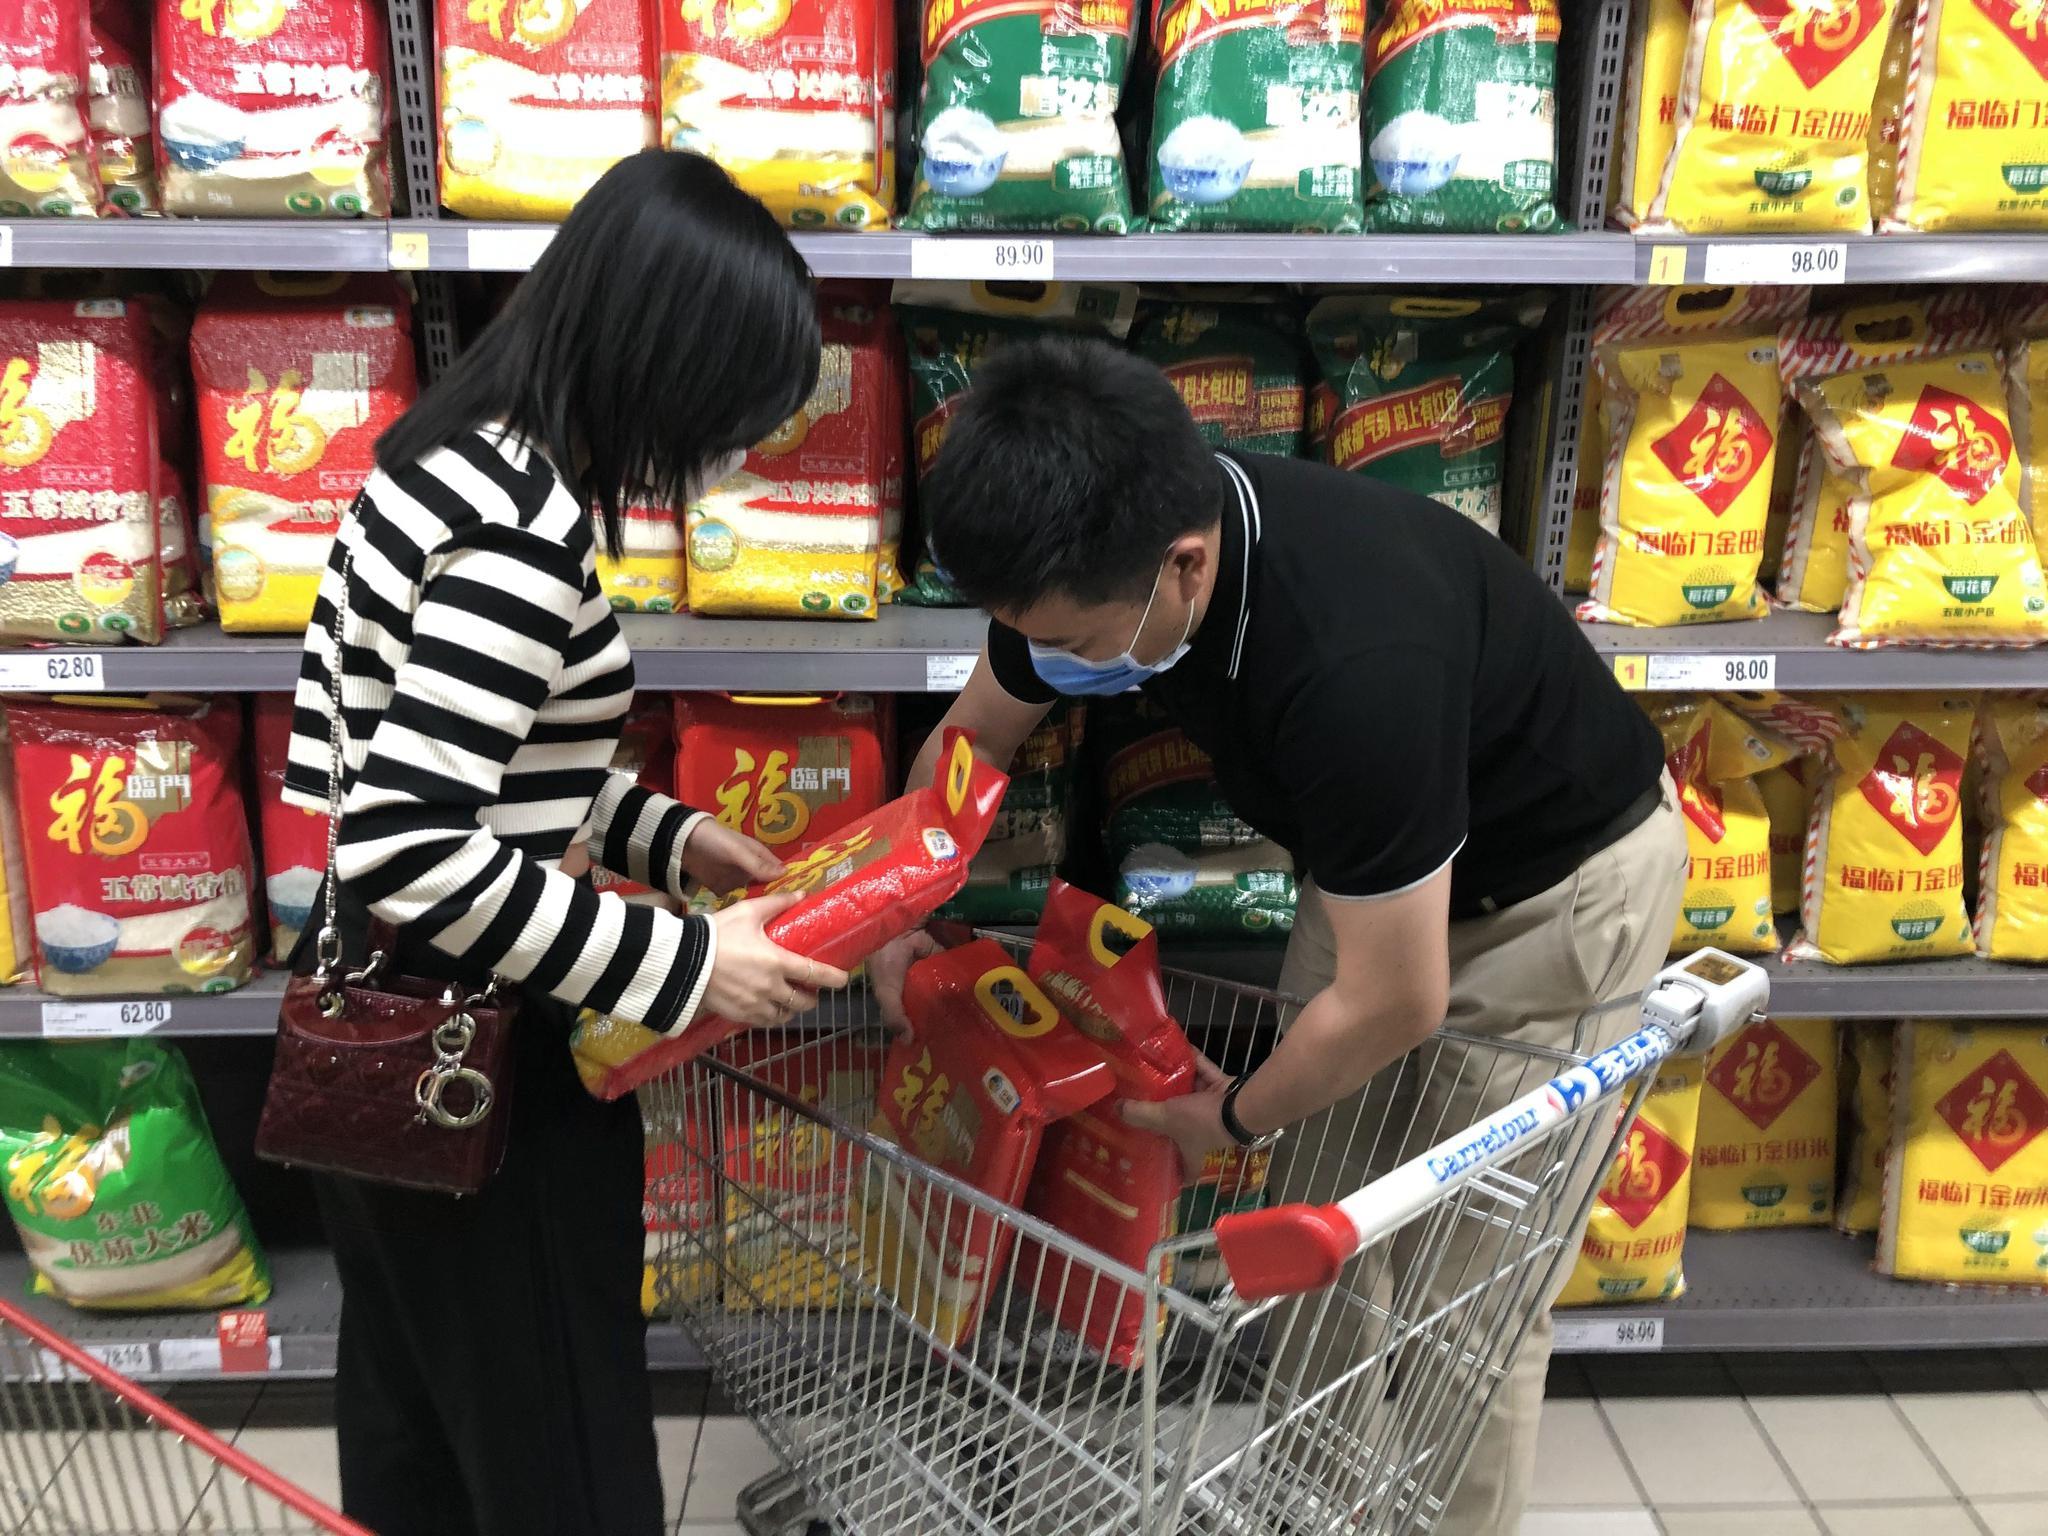 向阳区广渠路家乐福超市,主顾在选购粮食。新京报记者 吴宁 摄